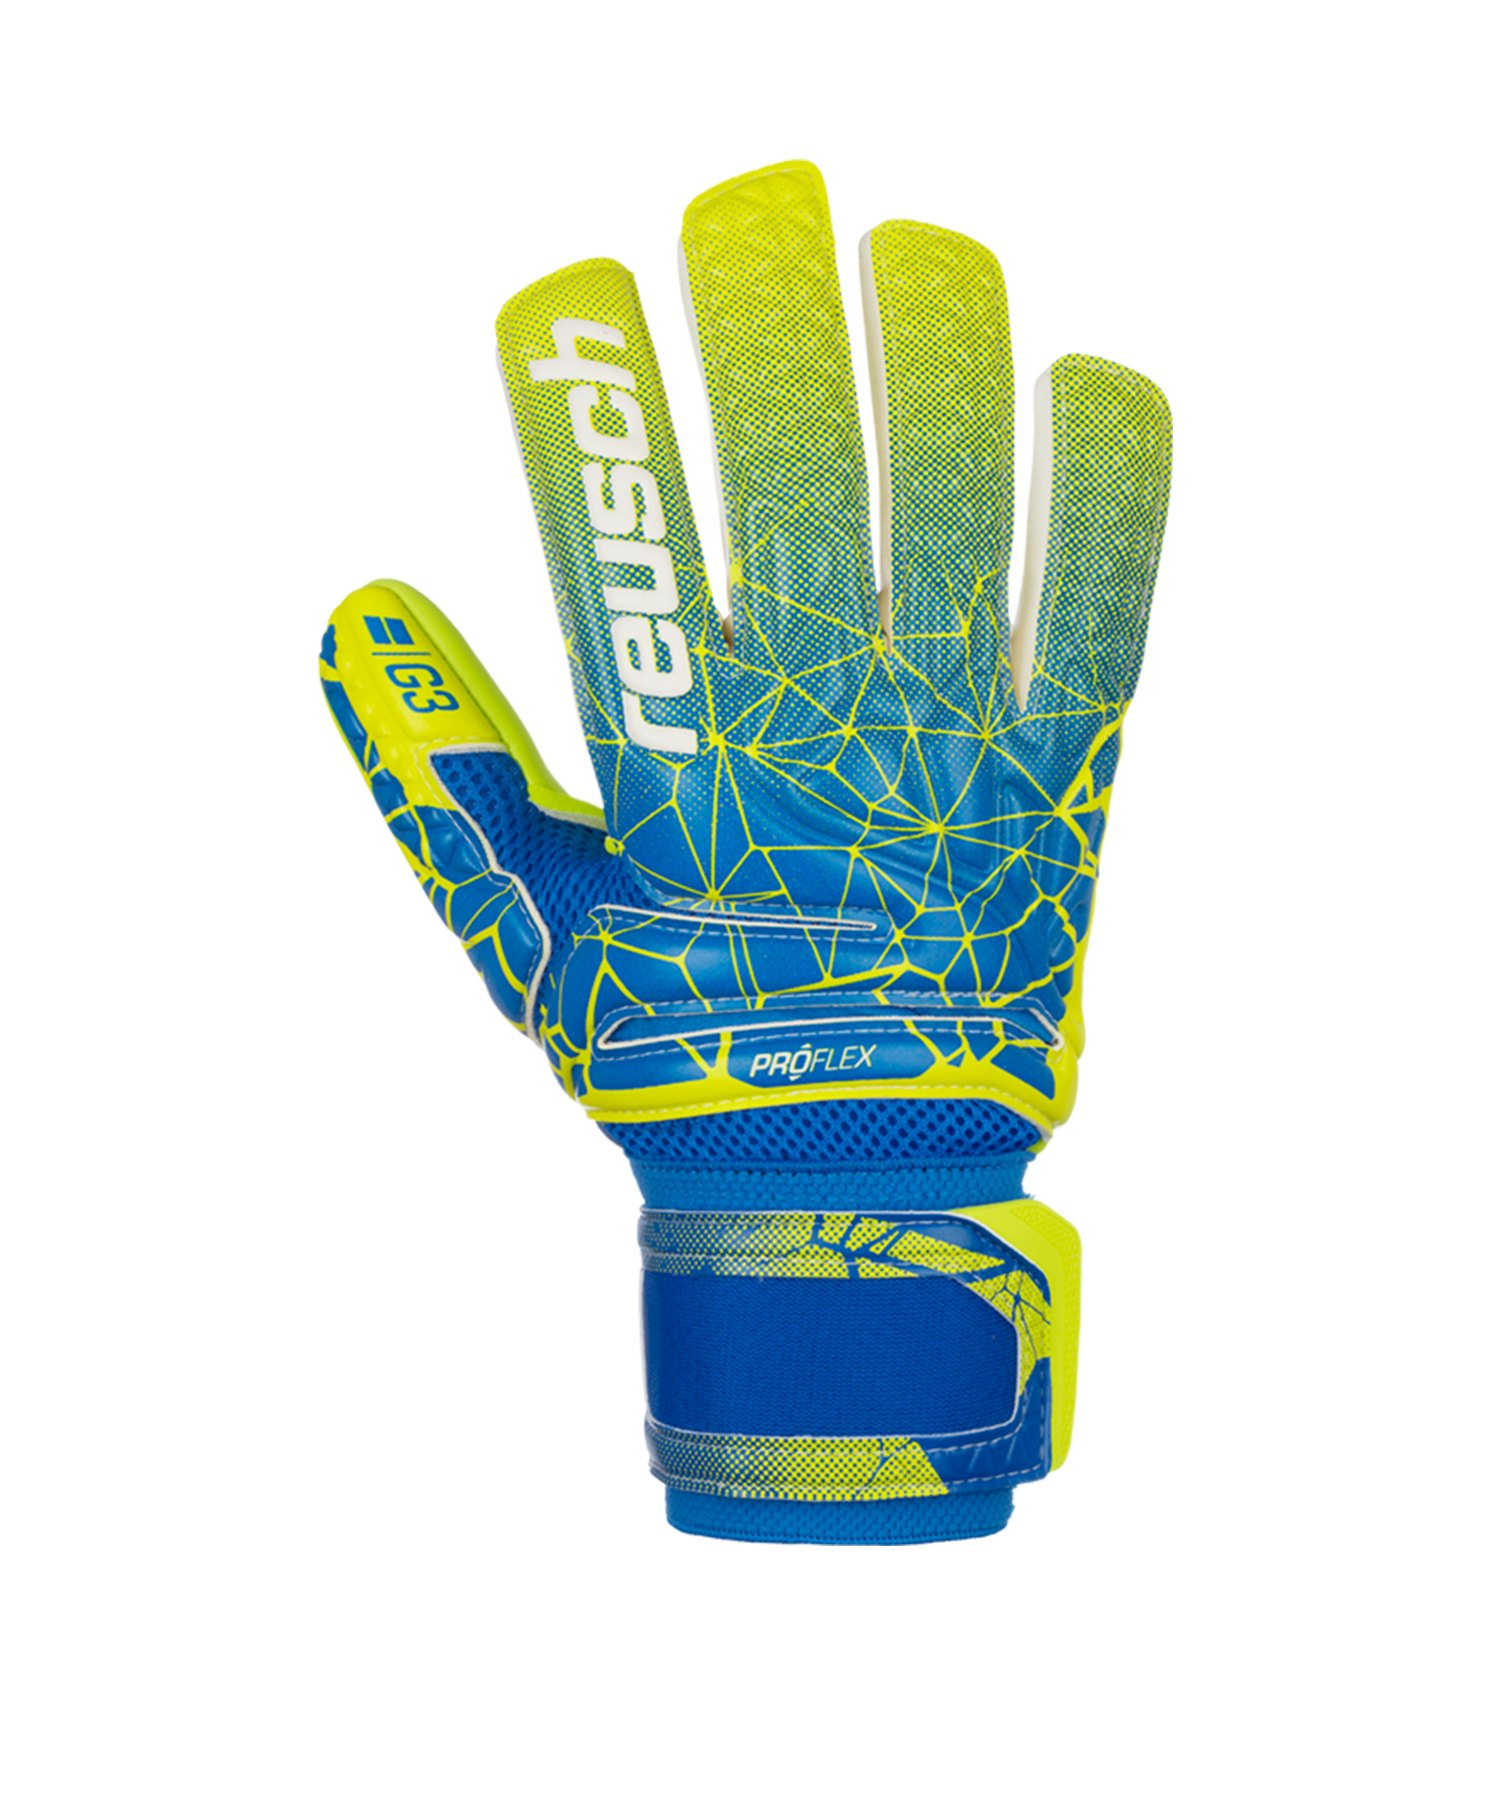 Reusch Pro G3 NC Torwarthandschuh Blau Gelb F883 - blau